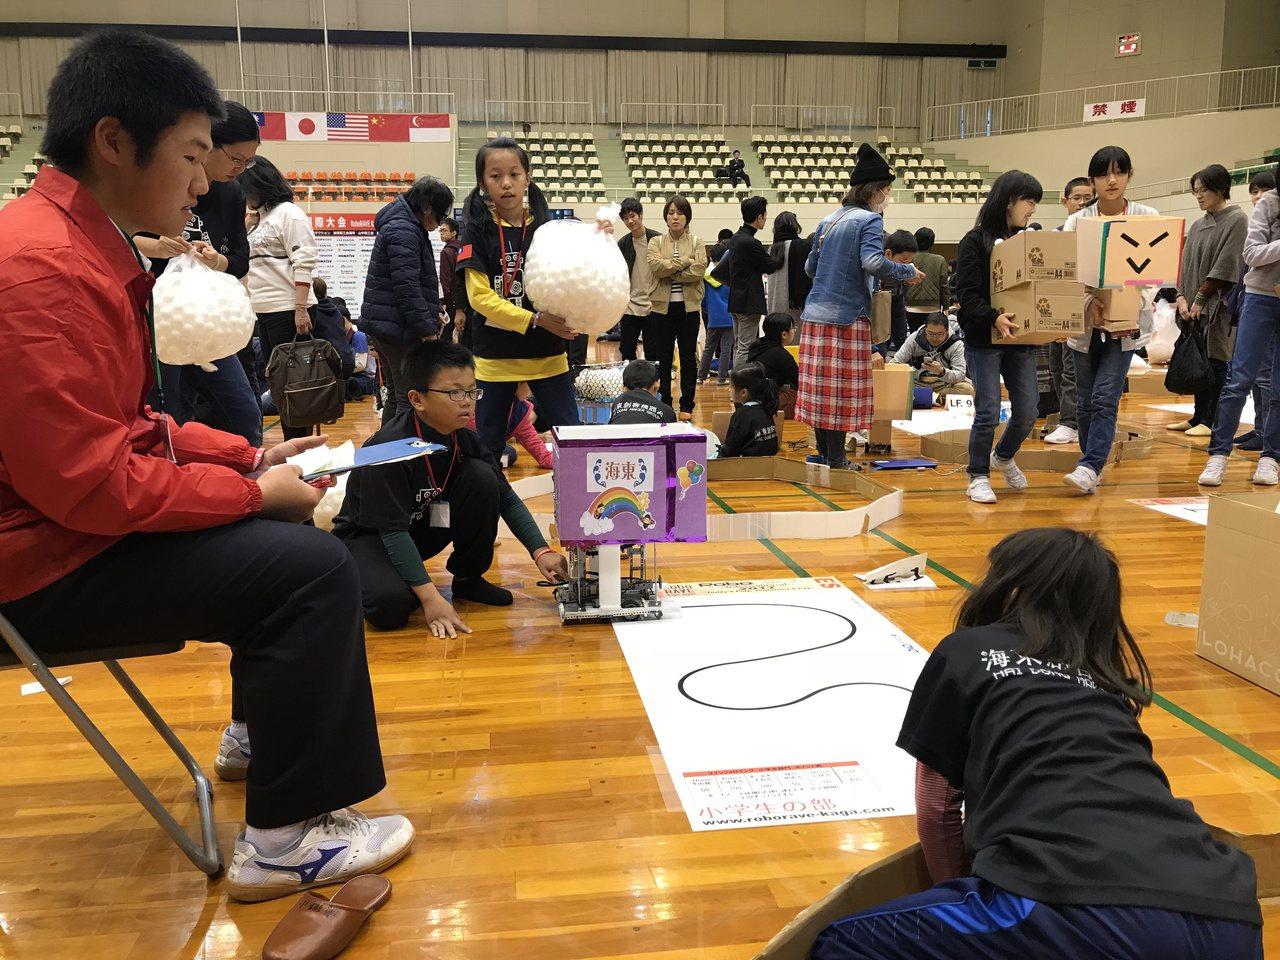 台南代表隊參加日本加賀國際機器人大賽,海東國小獲國小組Line Followin...